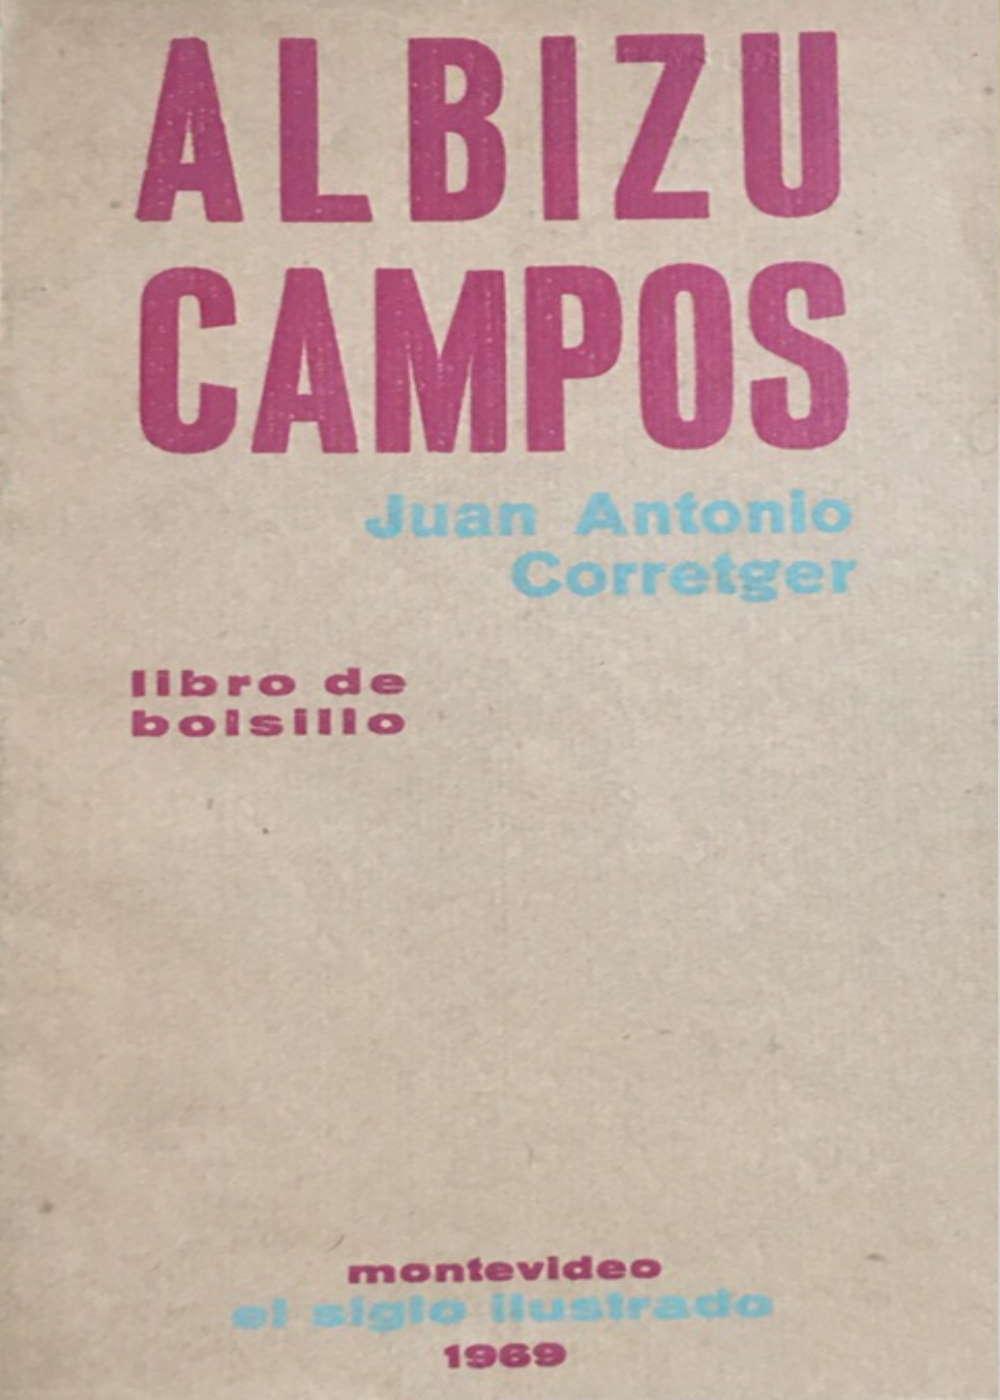 Albizu Campos